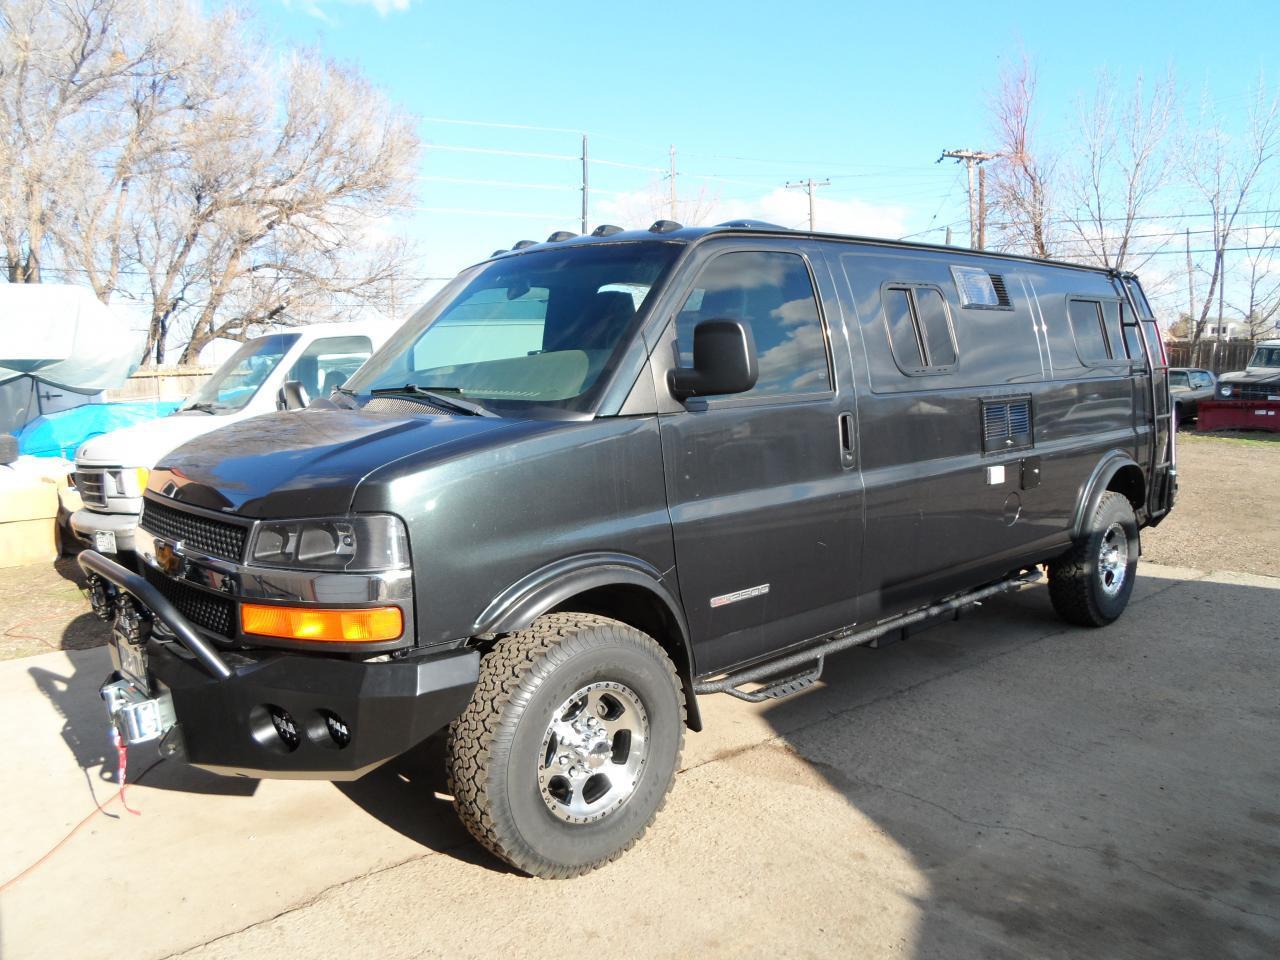 Chevy Express camper van